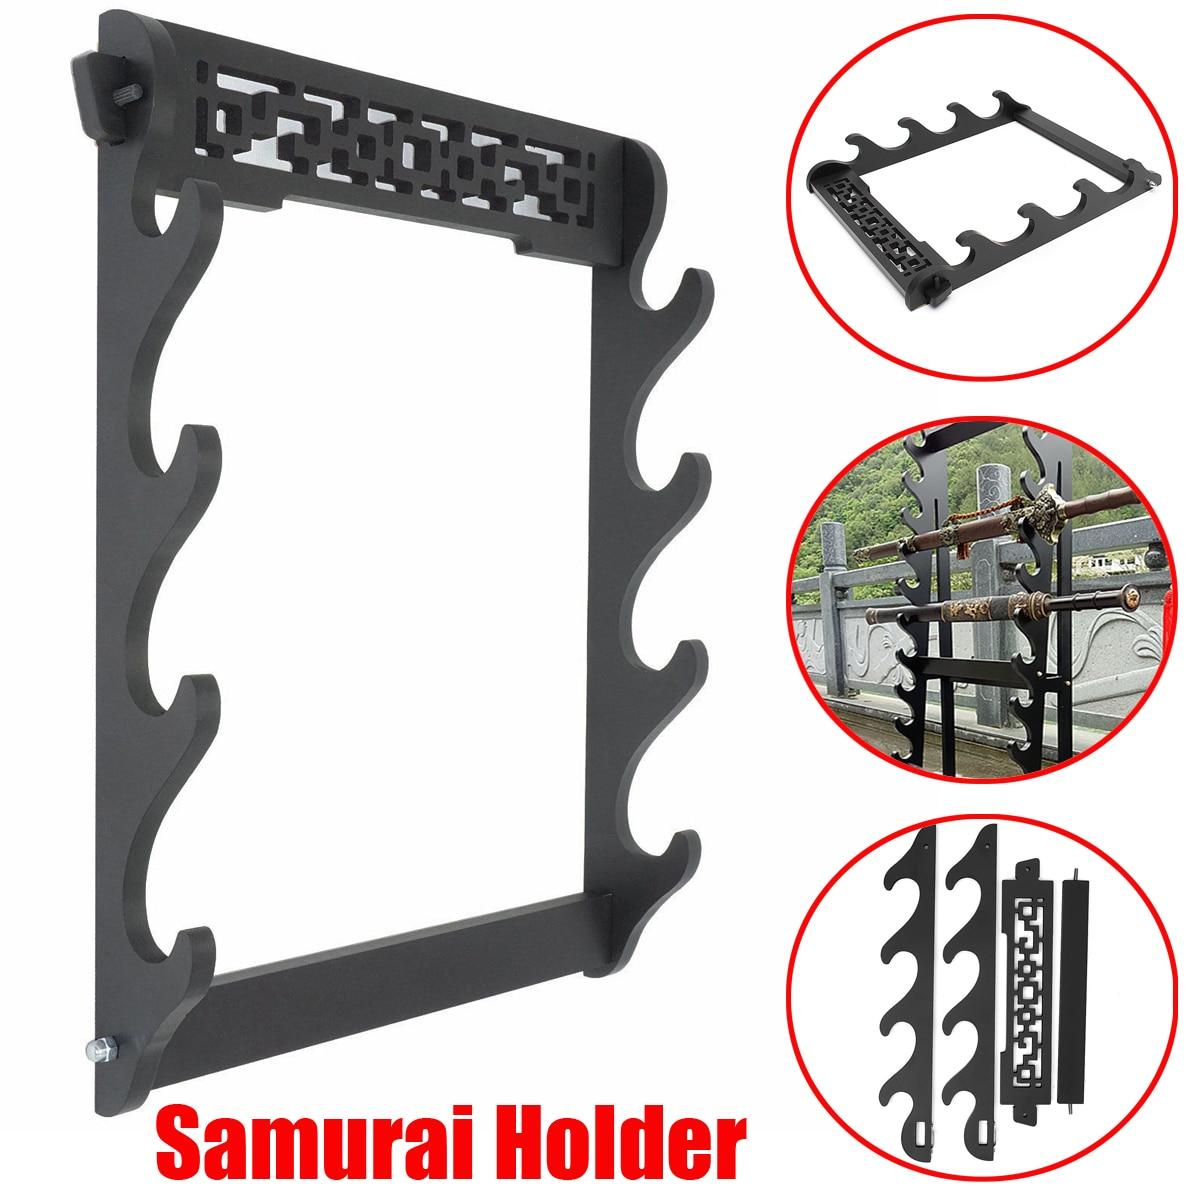 Soporte de pared de 4 niveles espada samurái soporte para katana soporte de exhibición estatuas soporte para esculturas para decoración del hogar artesanías